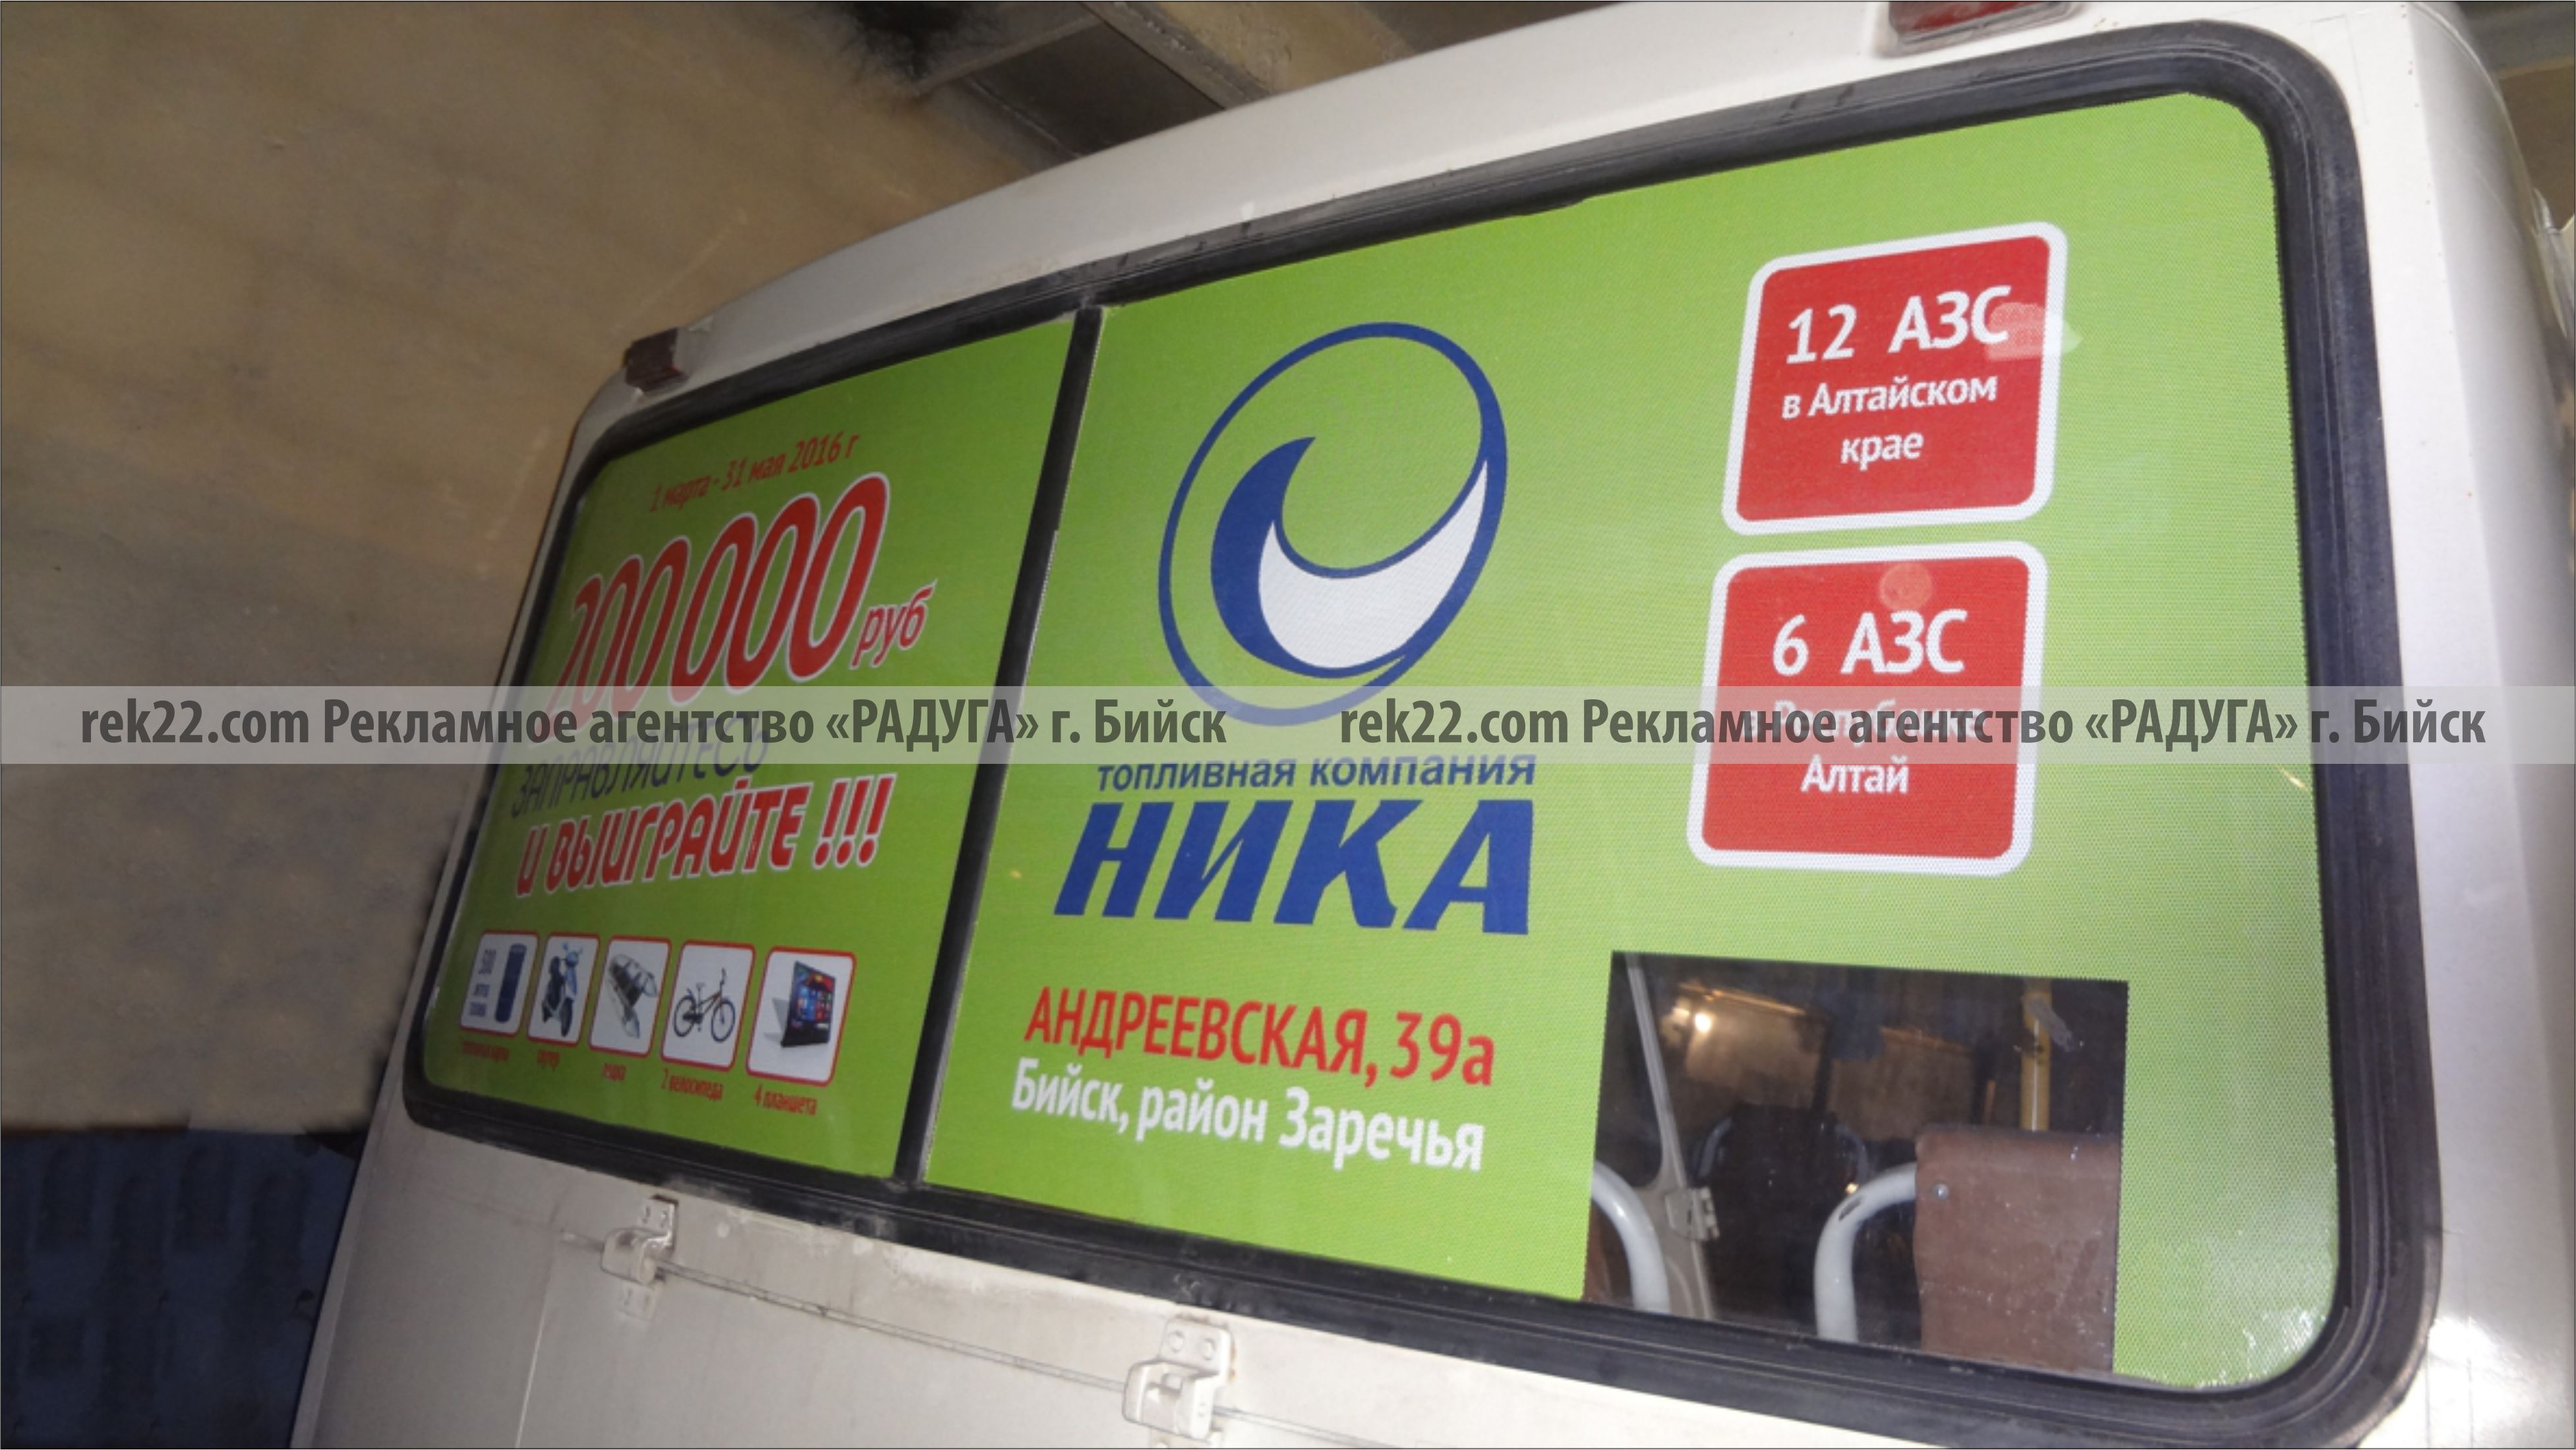 Реклама на транспорте Бийск - бортах, задних стеклах - 3.1